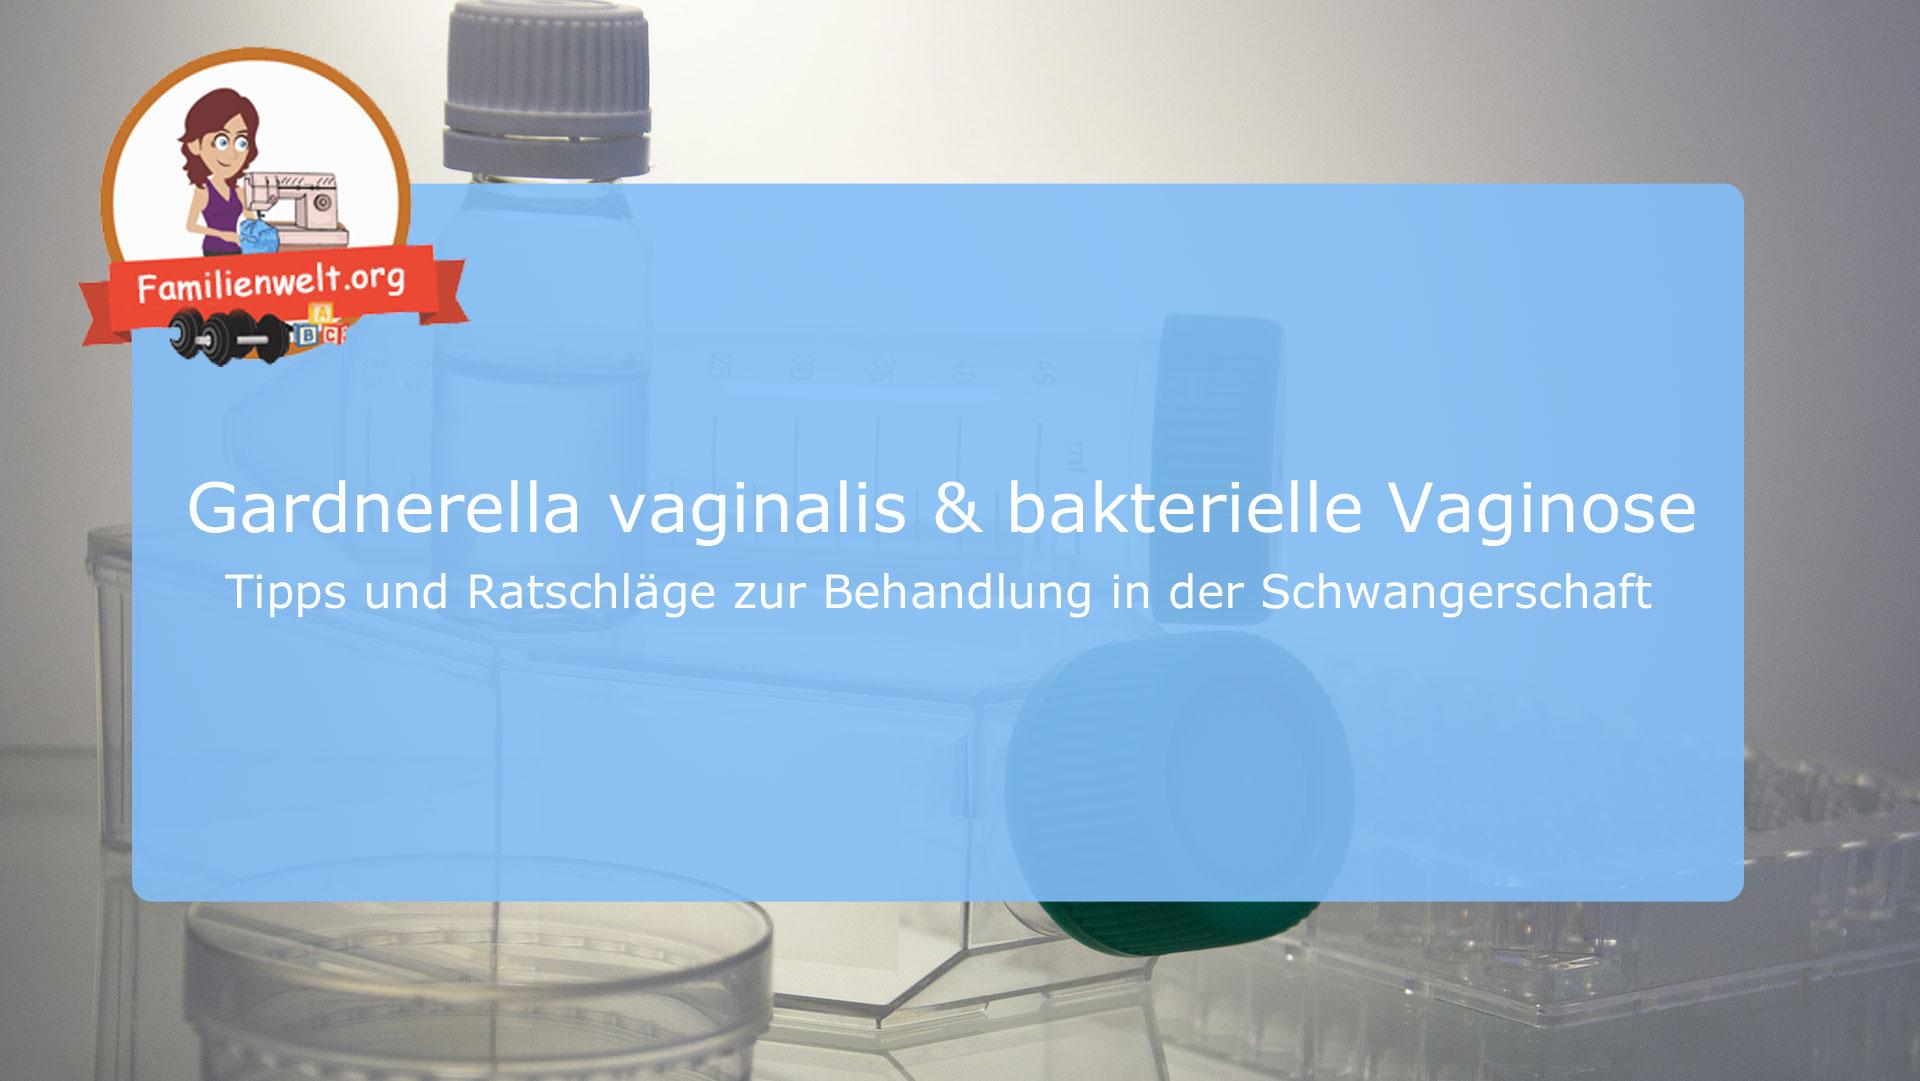 schwangerschaft bakterielle vaginosen gardnerella vaginalis